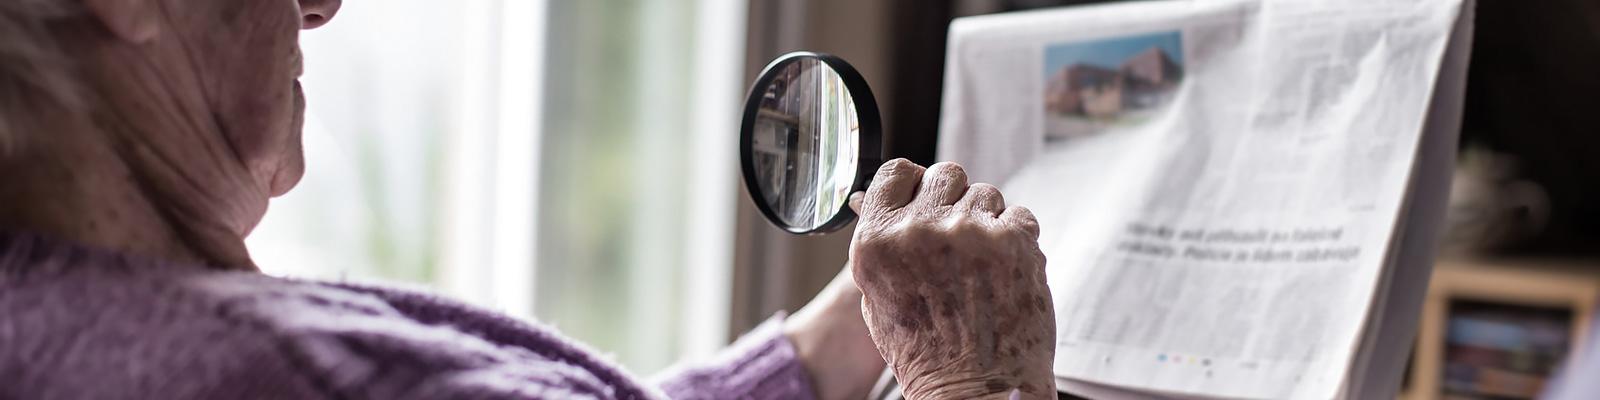 高齢者 イメージ